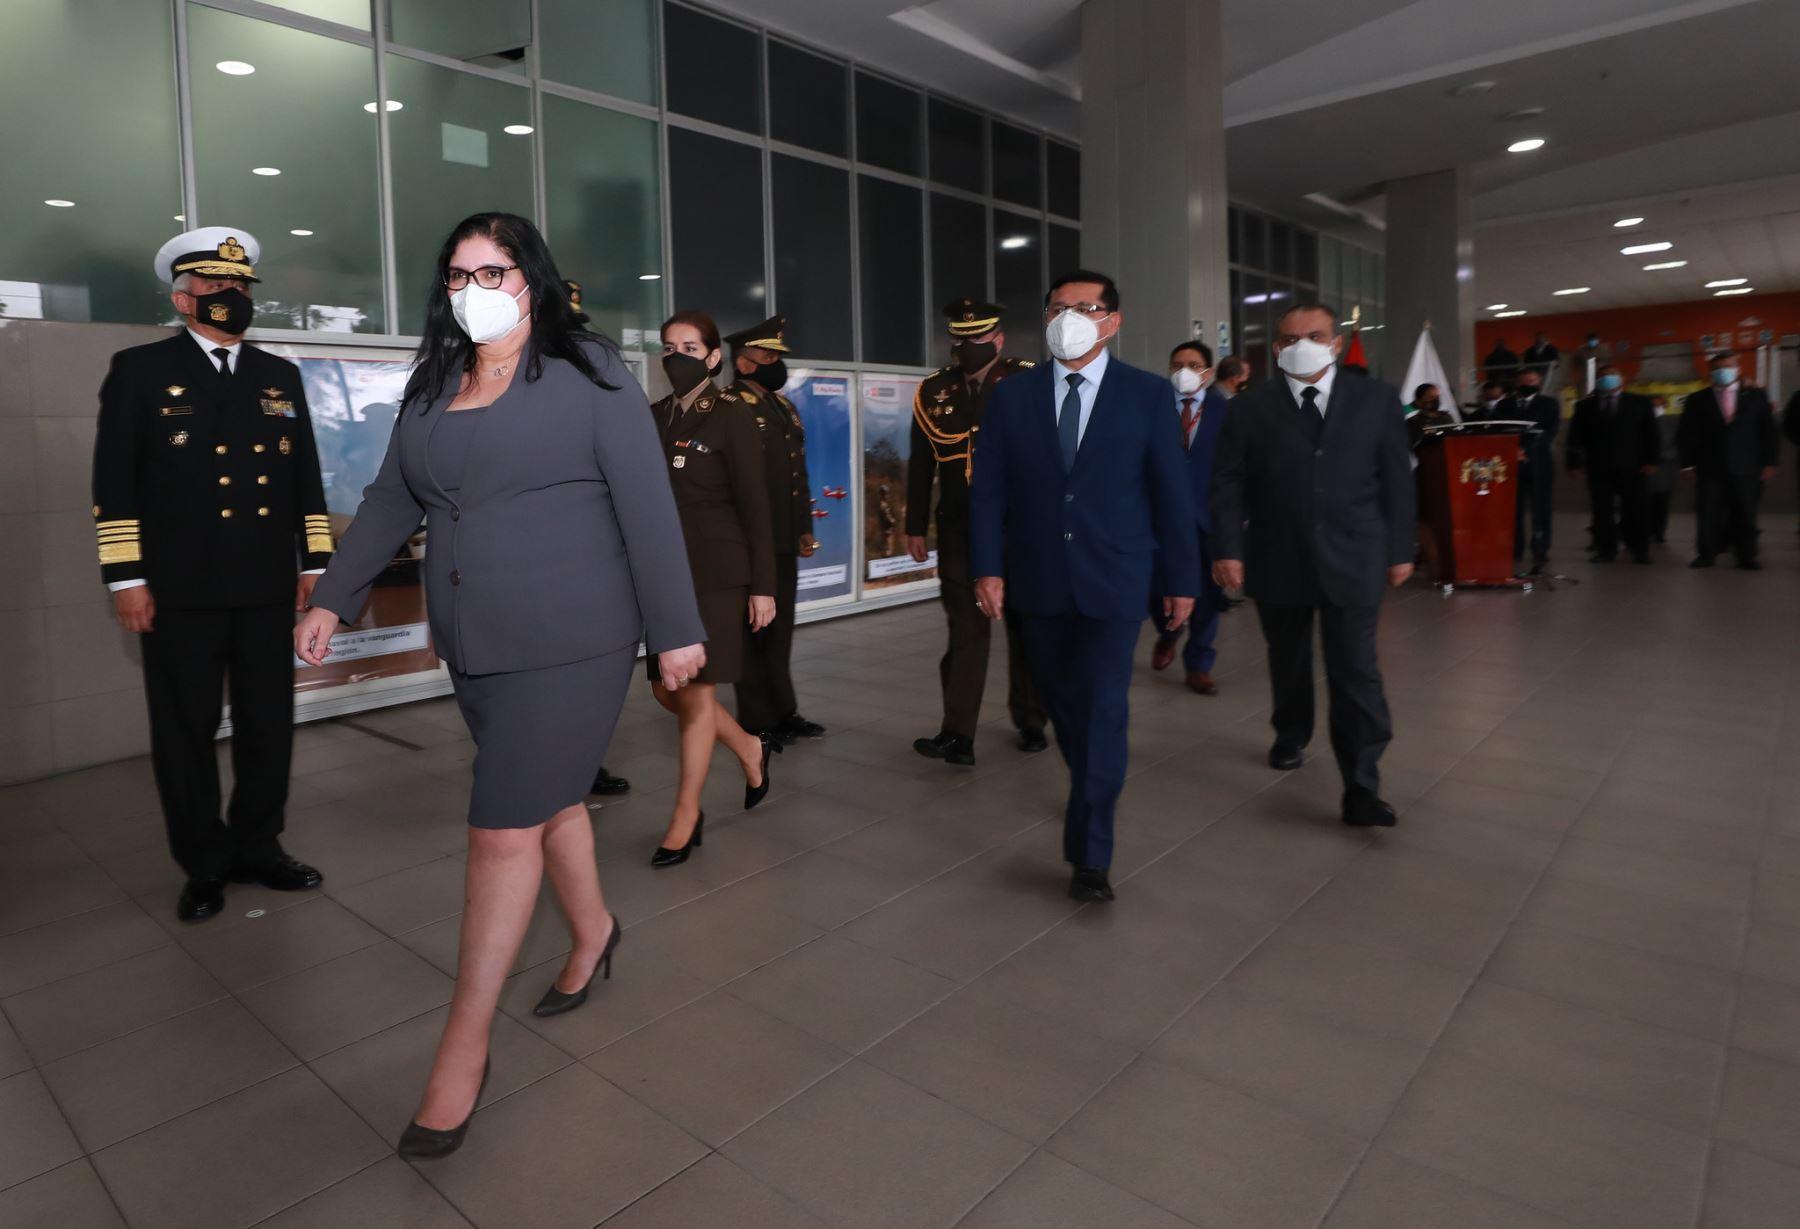 Ceremonia de presentación de la ministra de Defensa Nuria Esparch. Foto: Mindef